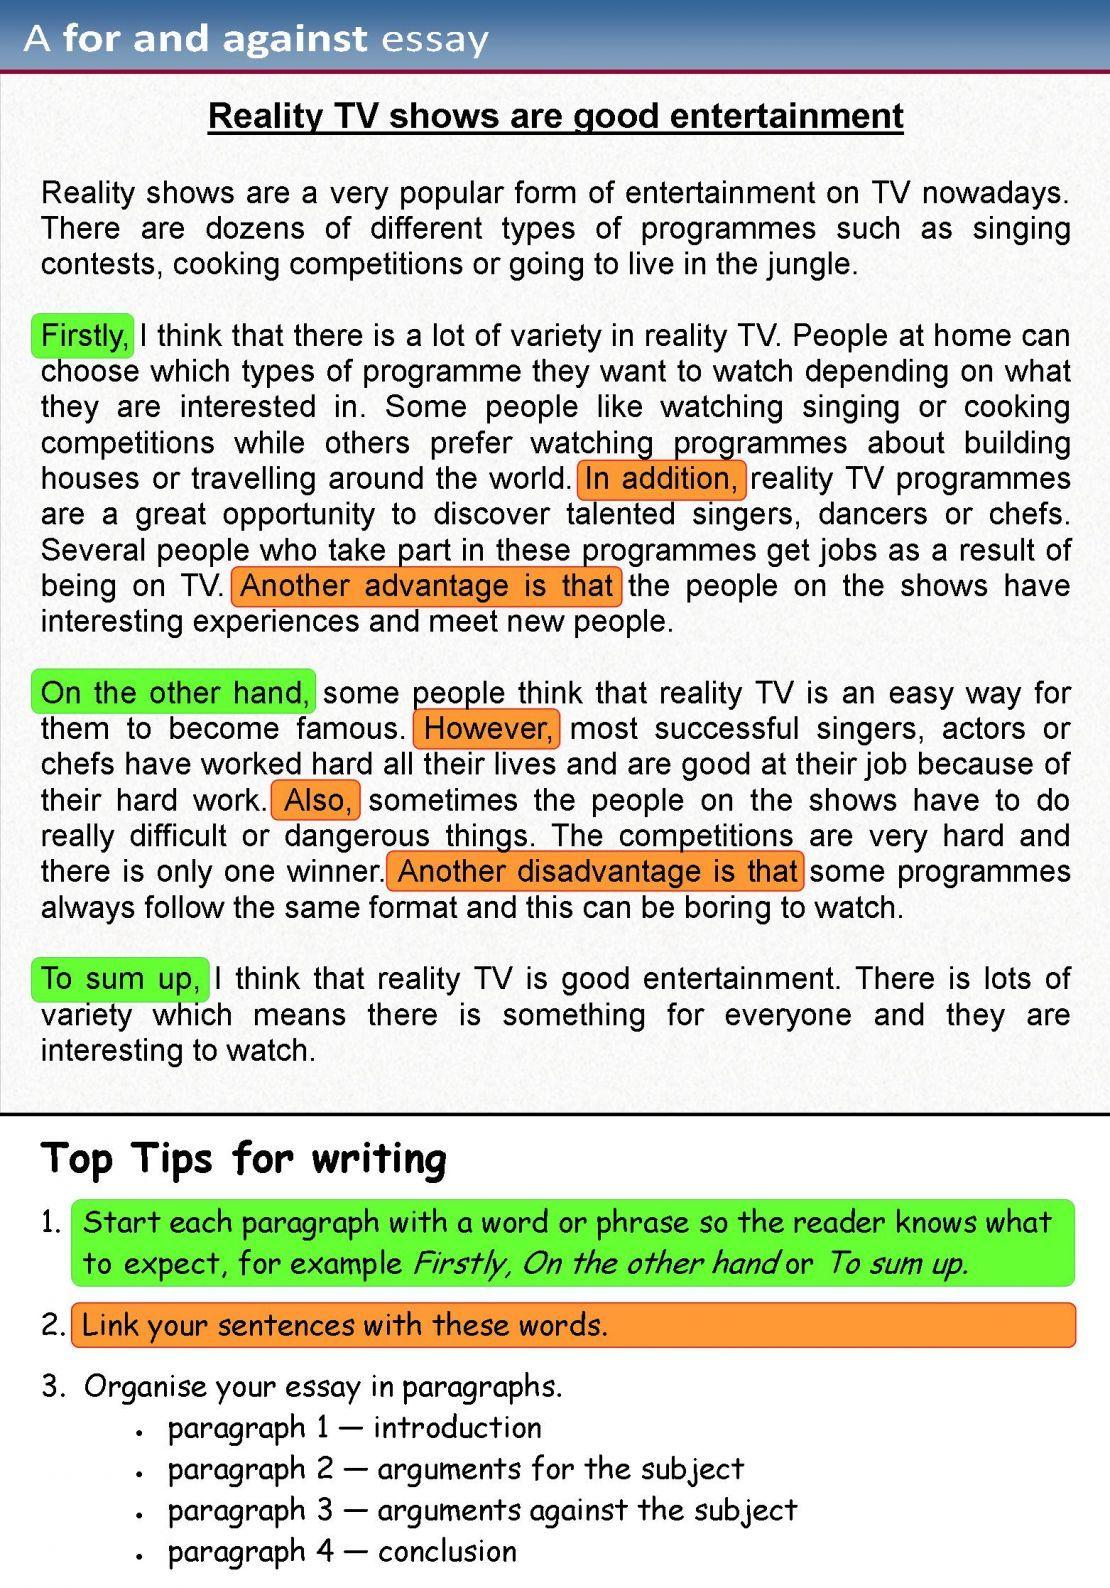 Como Escribir Un Buen Essay Writing Obligatorio Para El